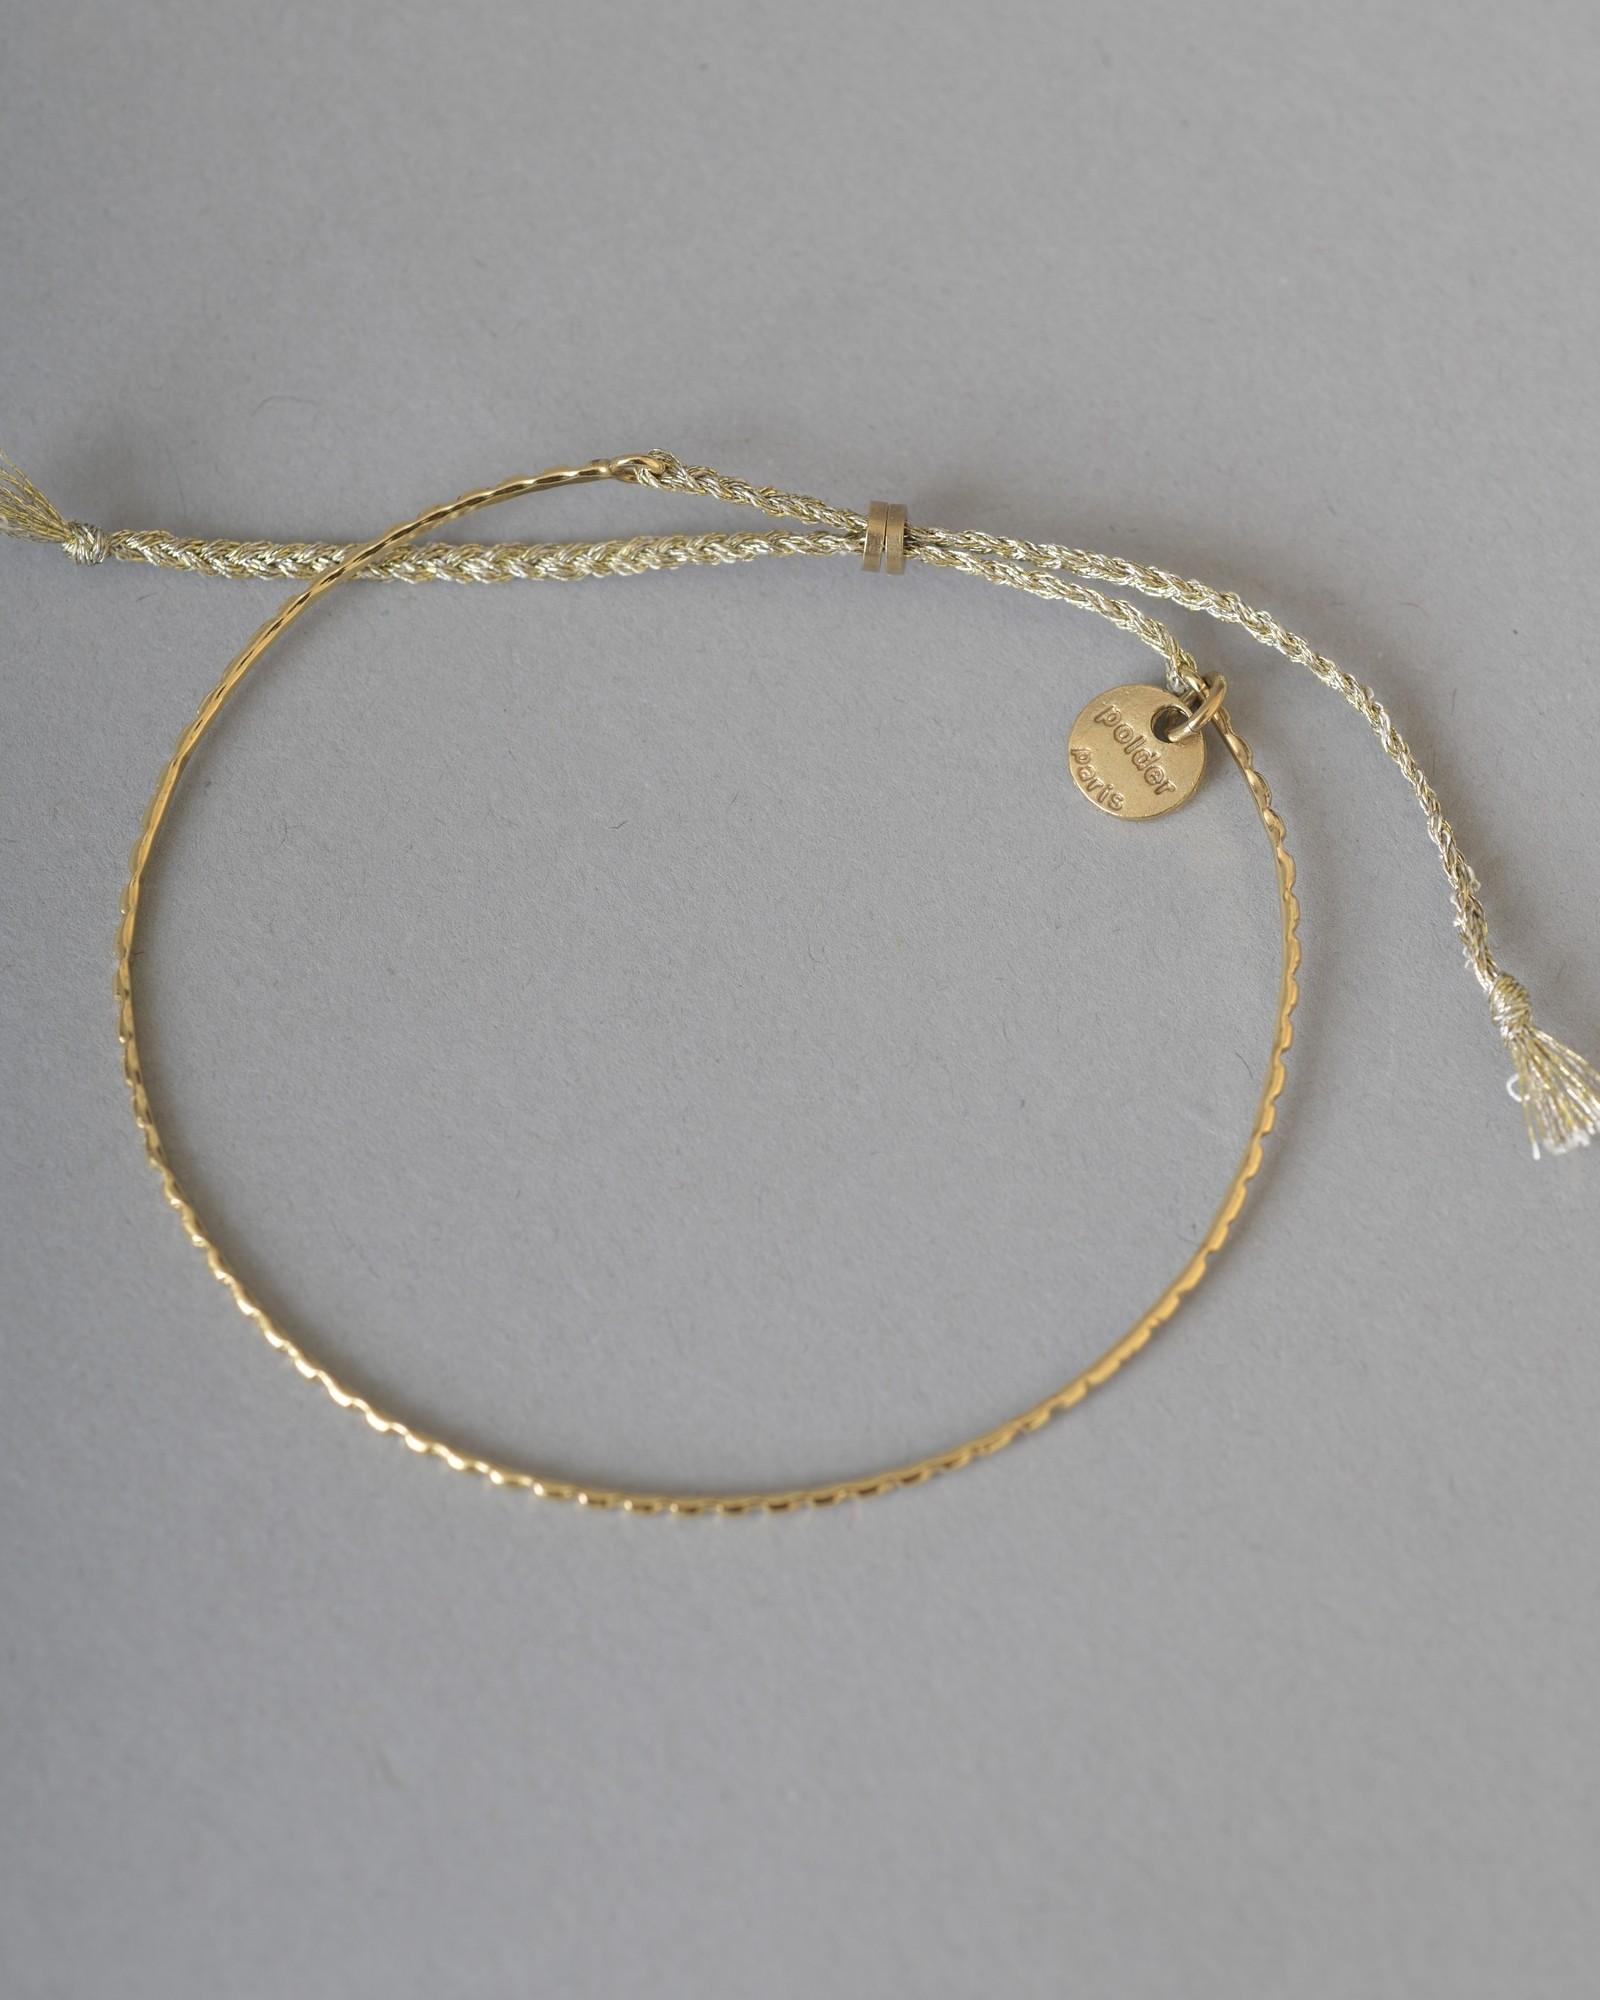 Bracelet doré à corde métallisée Polder